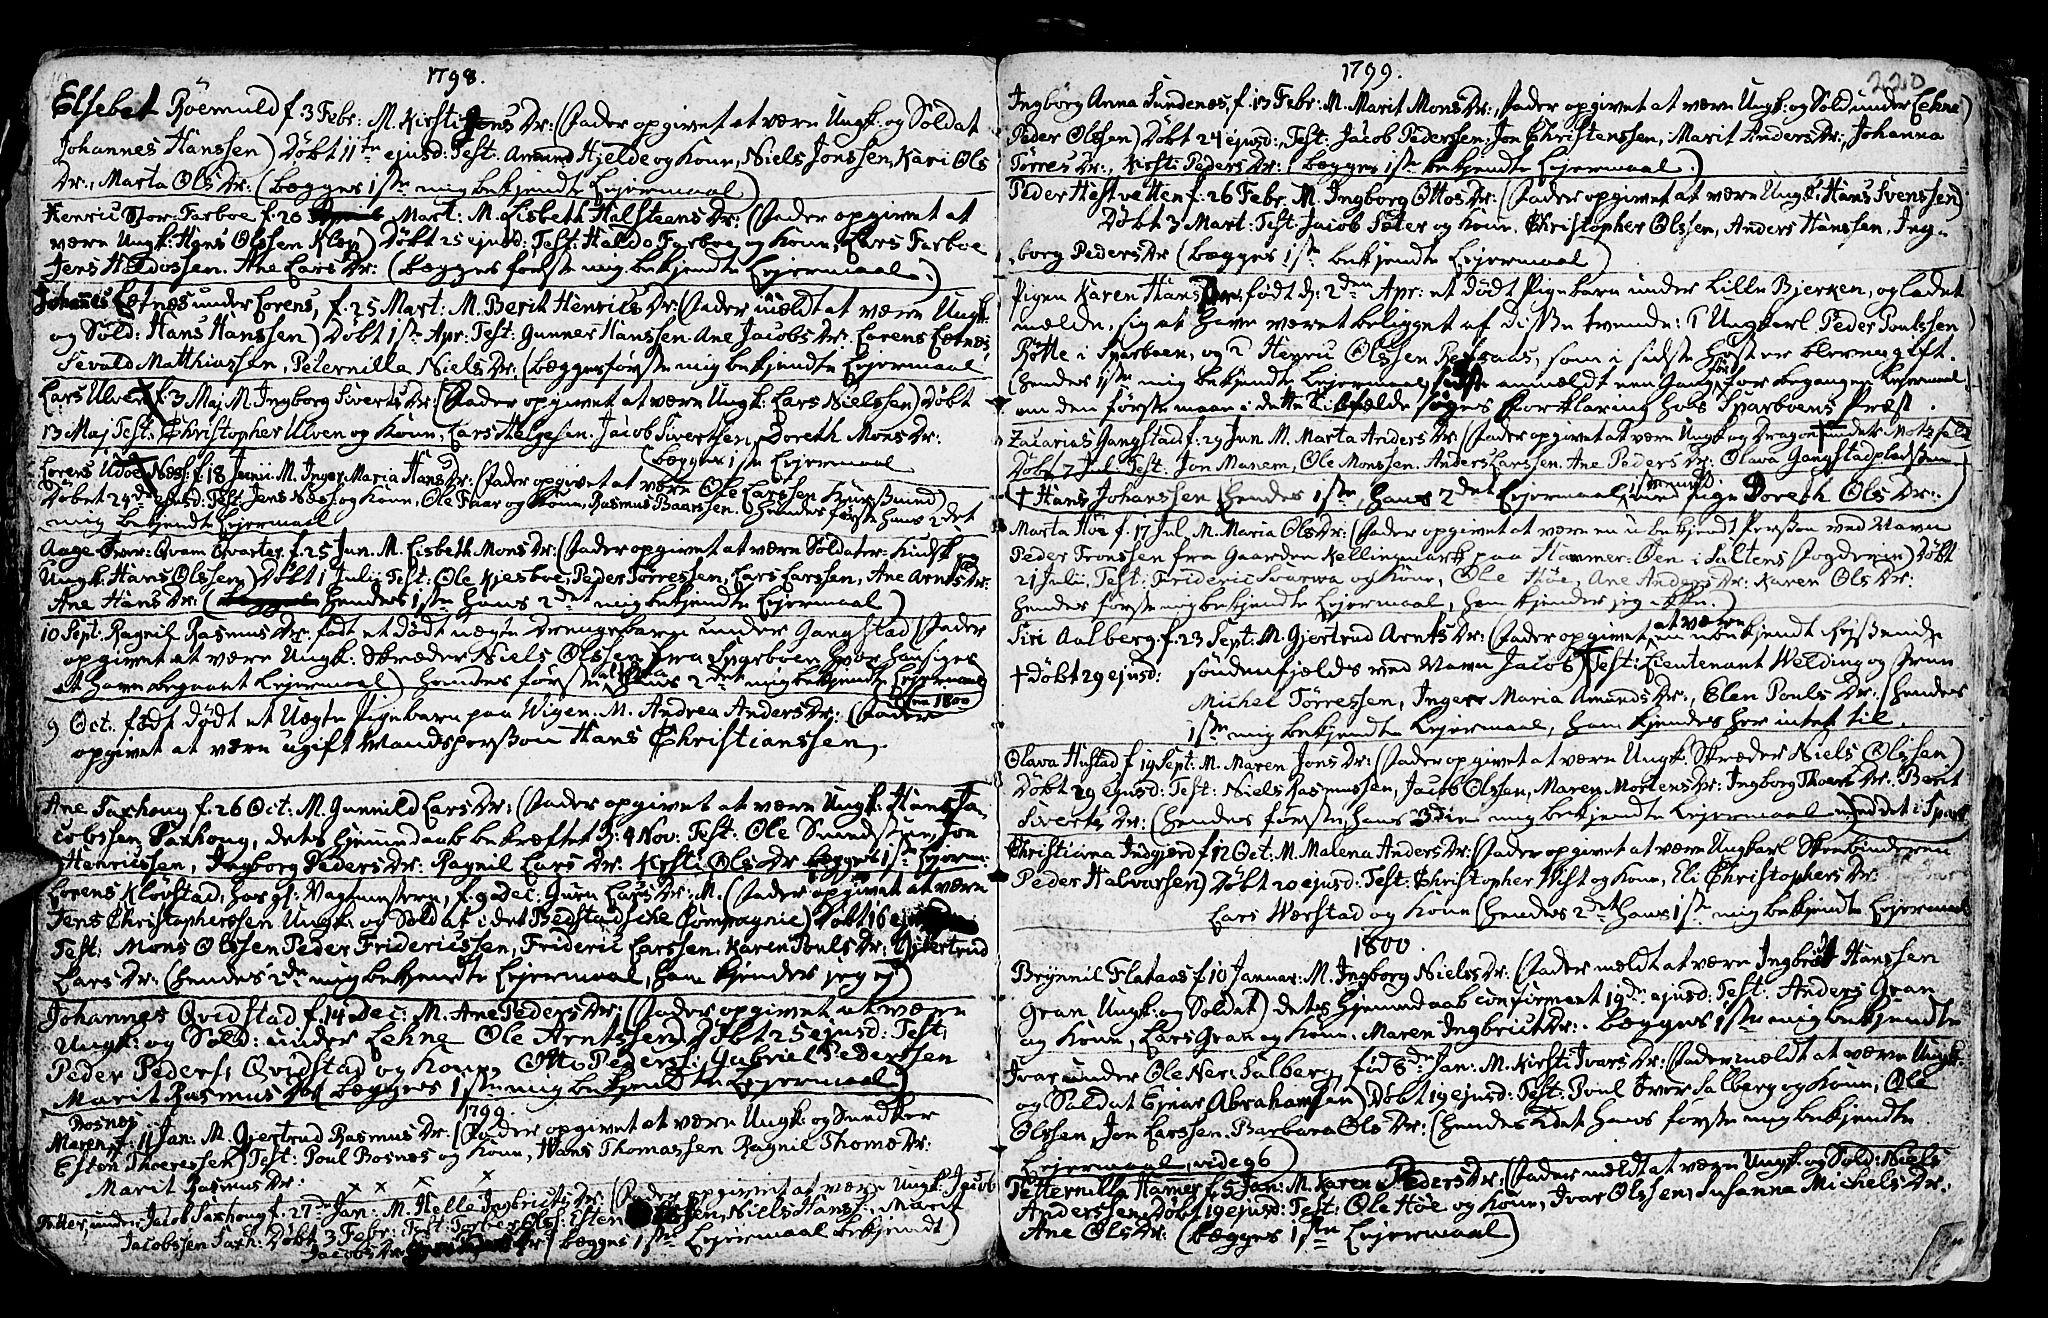 SAT, Ministerialprotokoller, klokkerbøker og fødselsregistre - Nord-Trøndelag, 730/L0273: Ministerialbok nr. 730A02, 1762-1802, s. 220